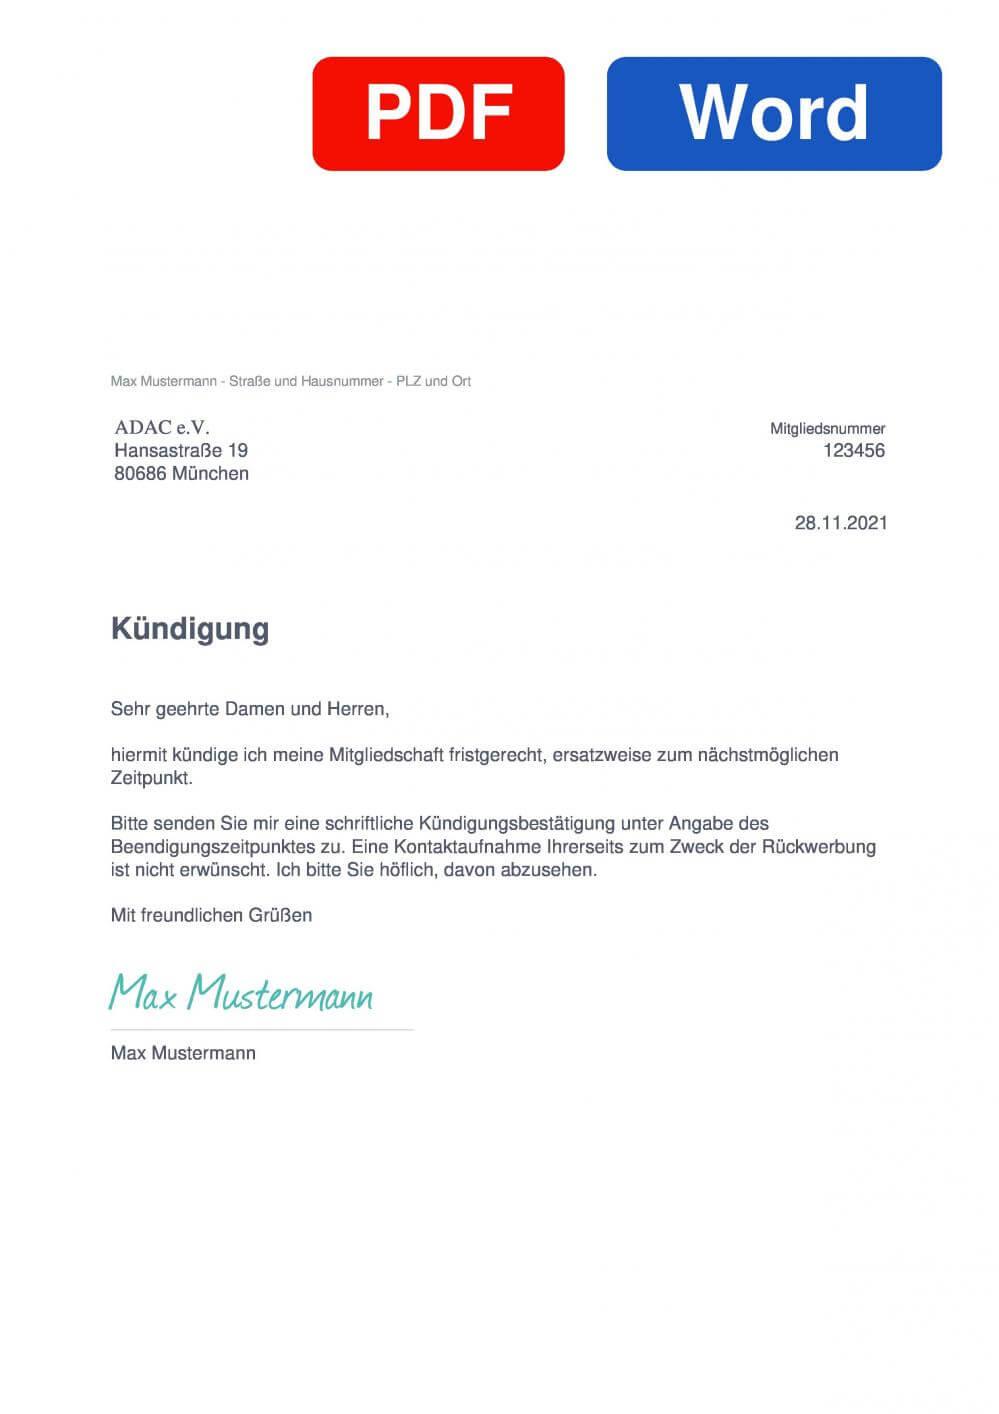 ADAC Muster Vorlage für Kündigungsschreiben